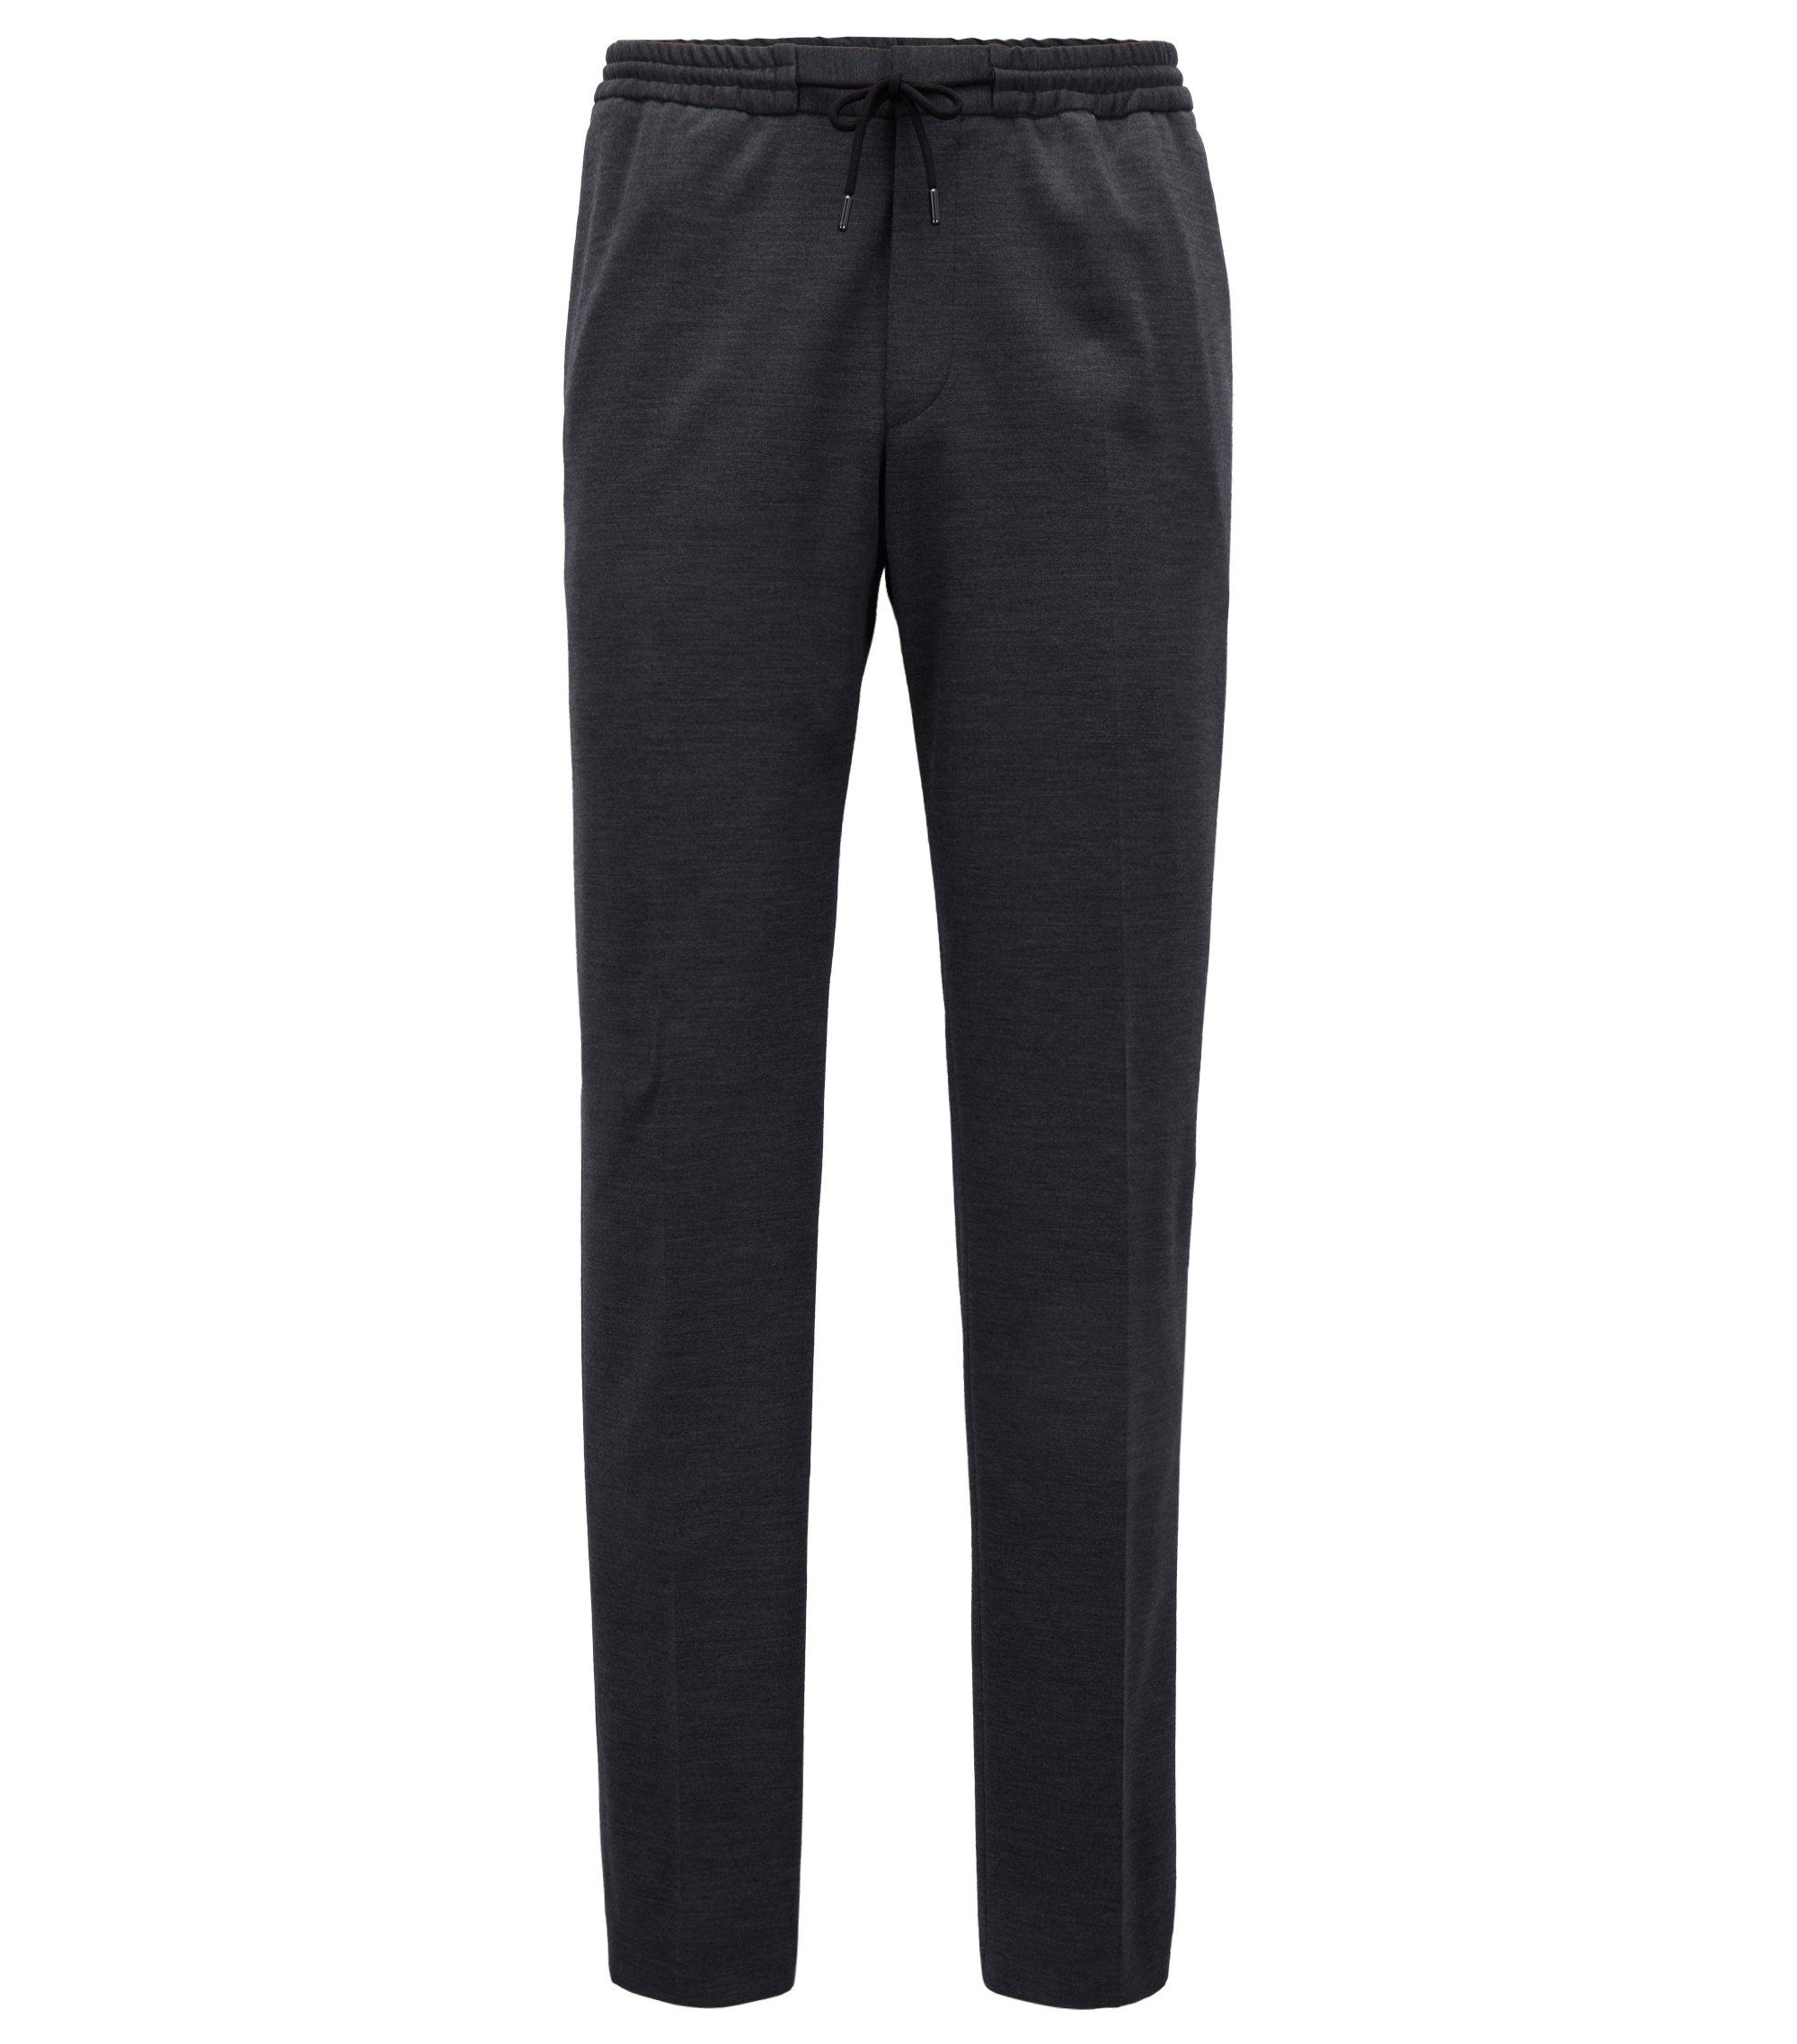 Pantalon en laine vierge mélangée doté d'une taille élastique, Gris sombre